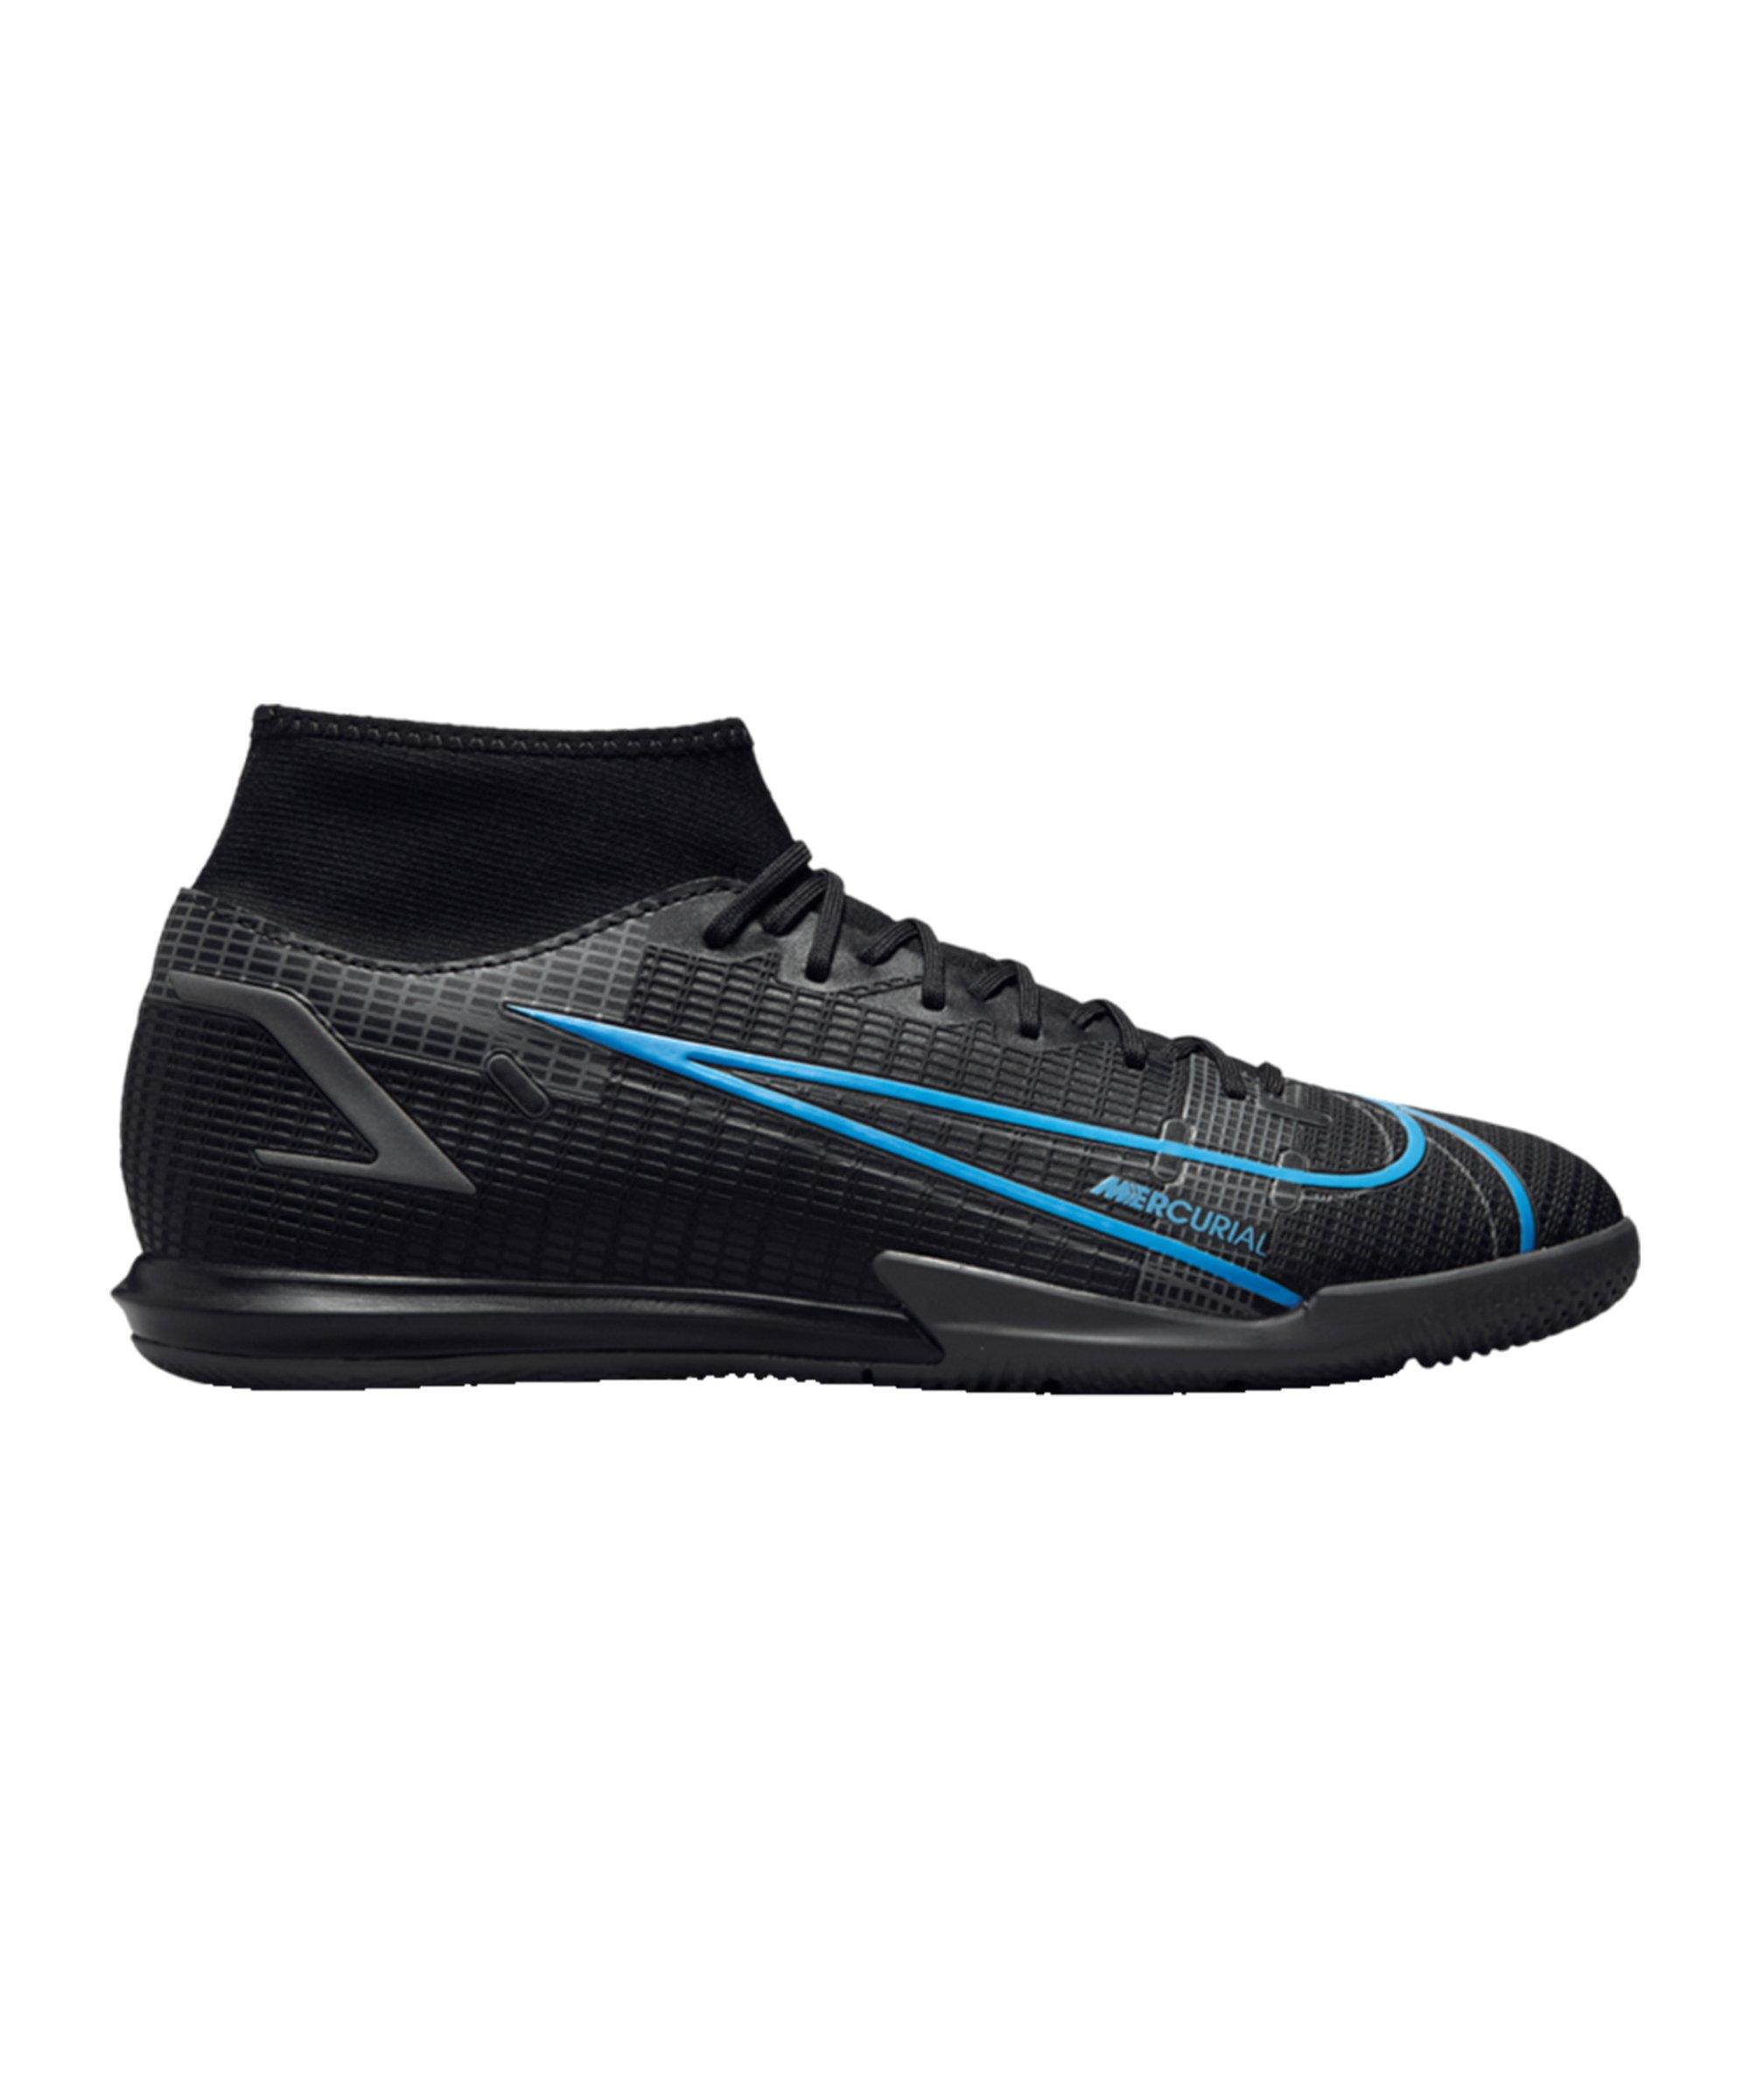 Nike Mercurial Superfly VIII Renew Academy IC Schwarz F004 - schwarz